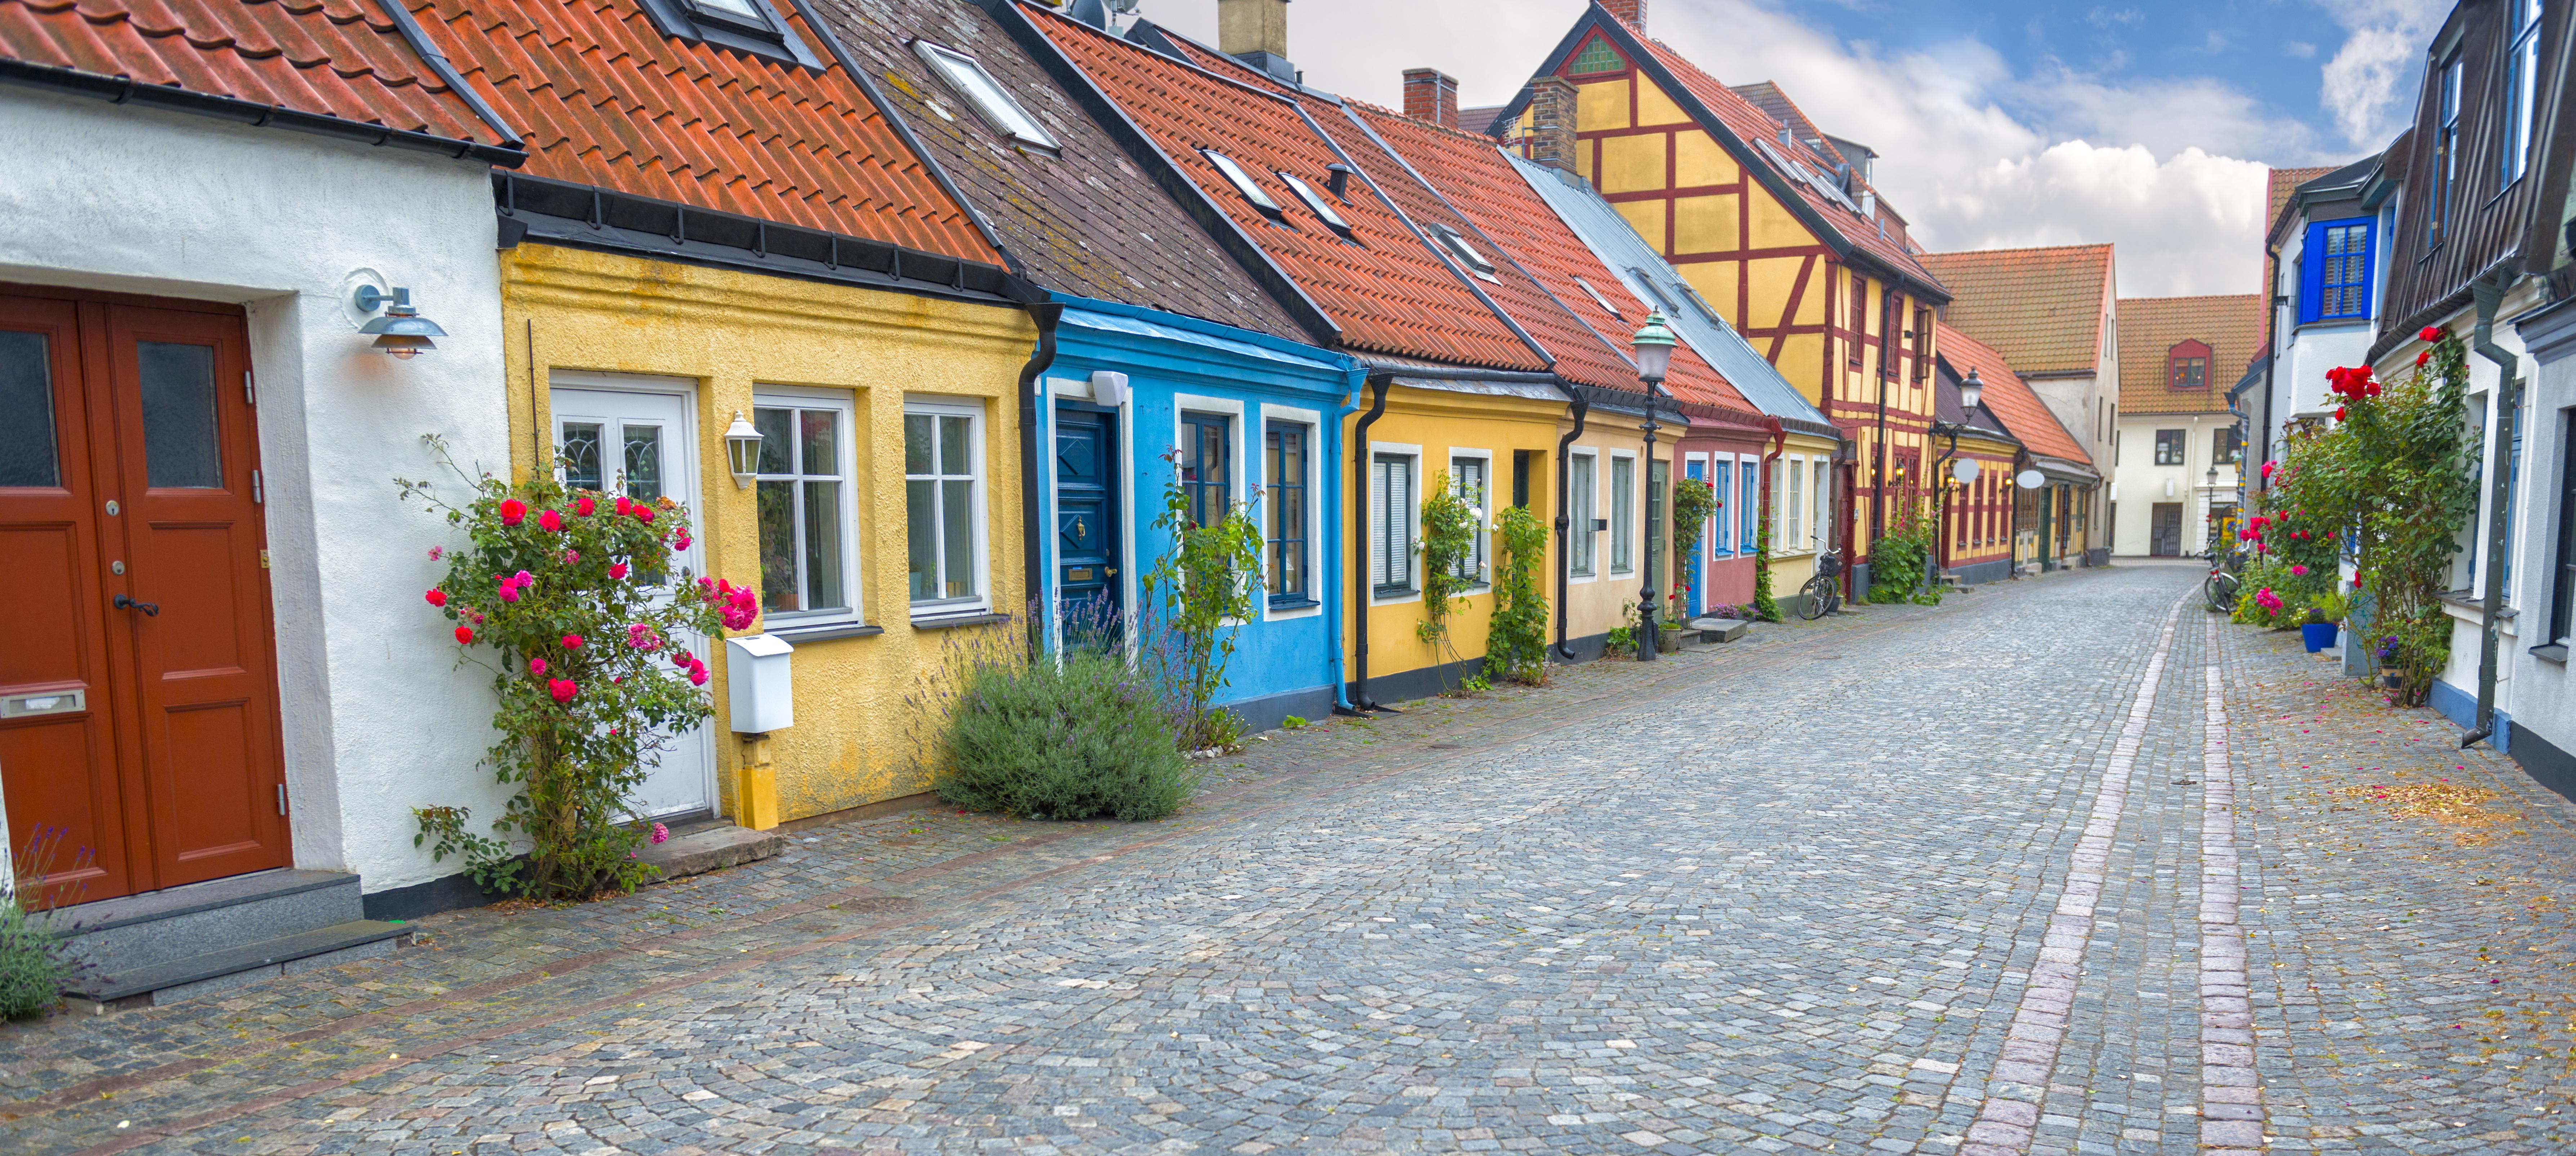 Recorre las laberínticas callejuelas de Gamla Stam - Suecia Circuito Estocolmo y Fiordos